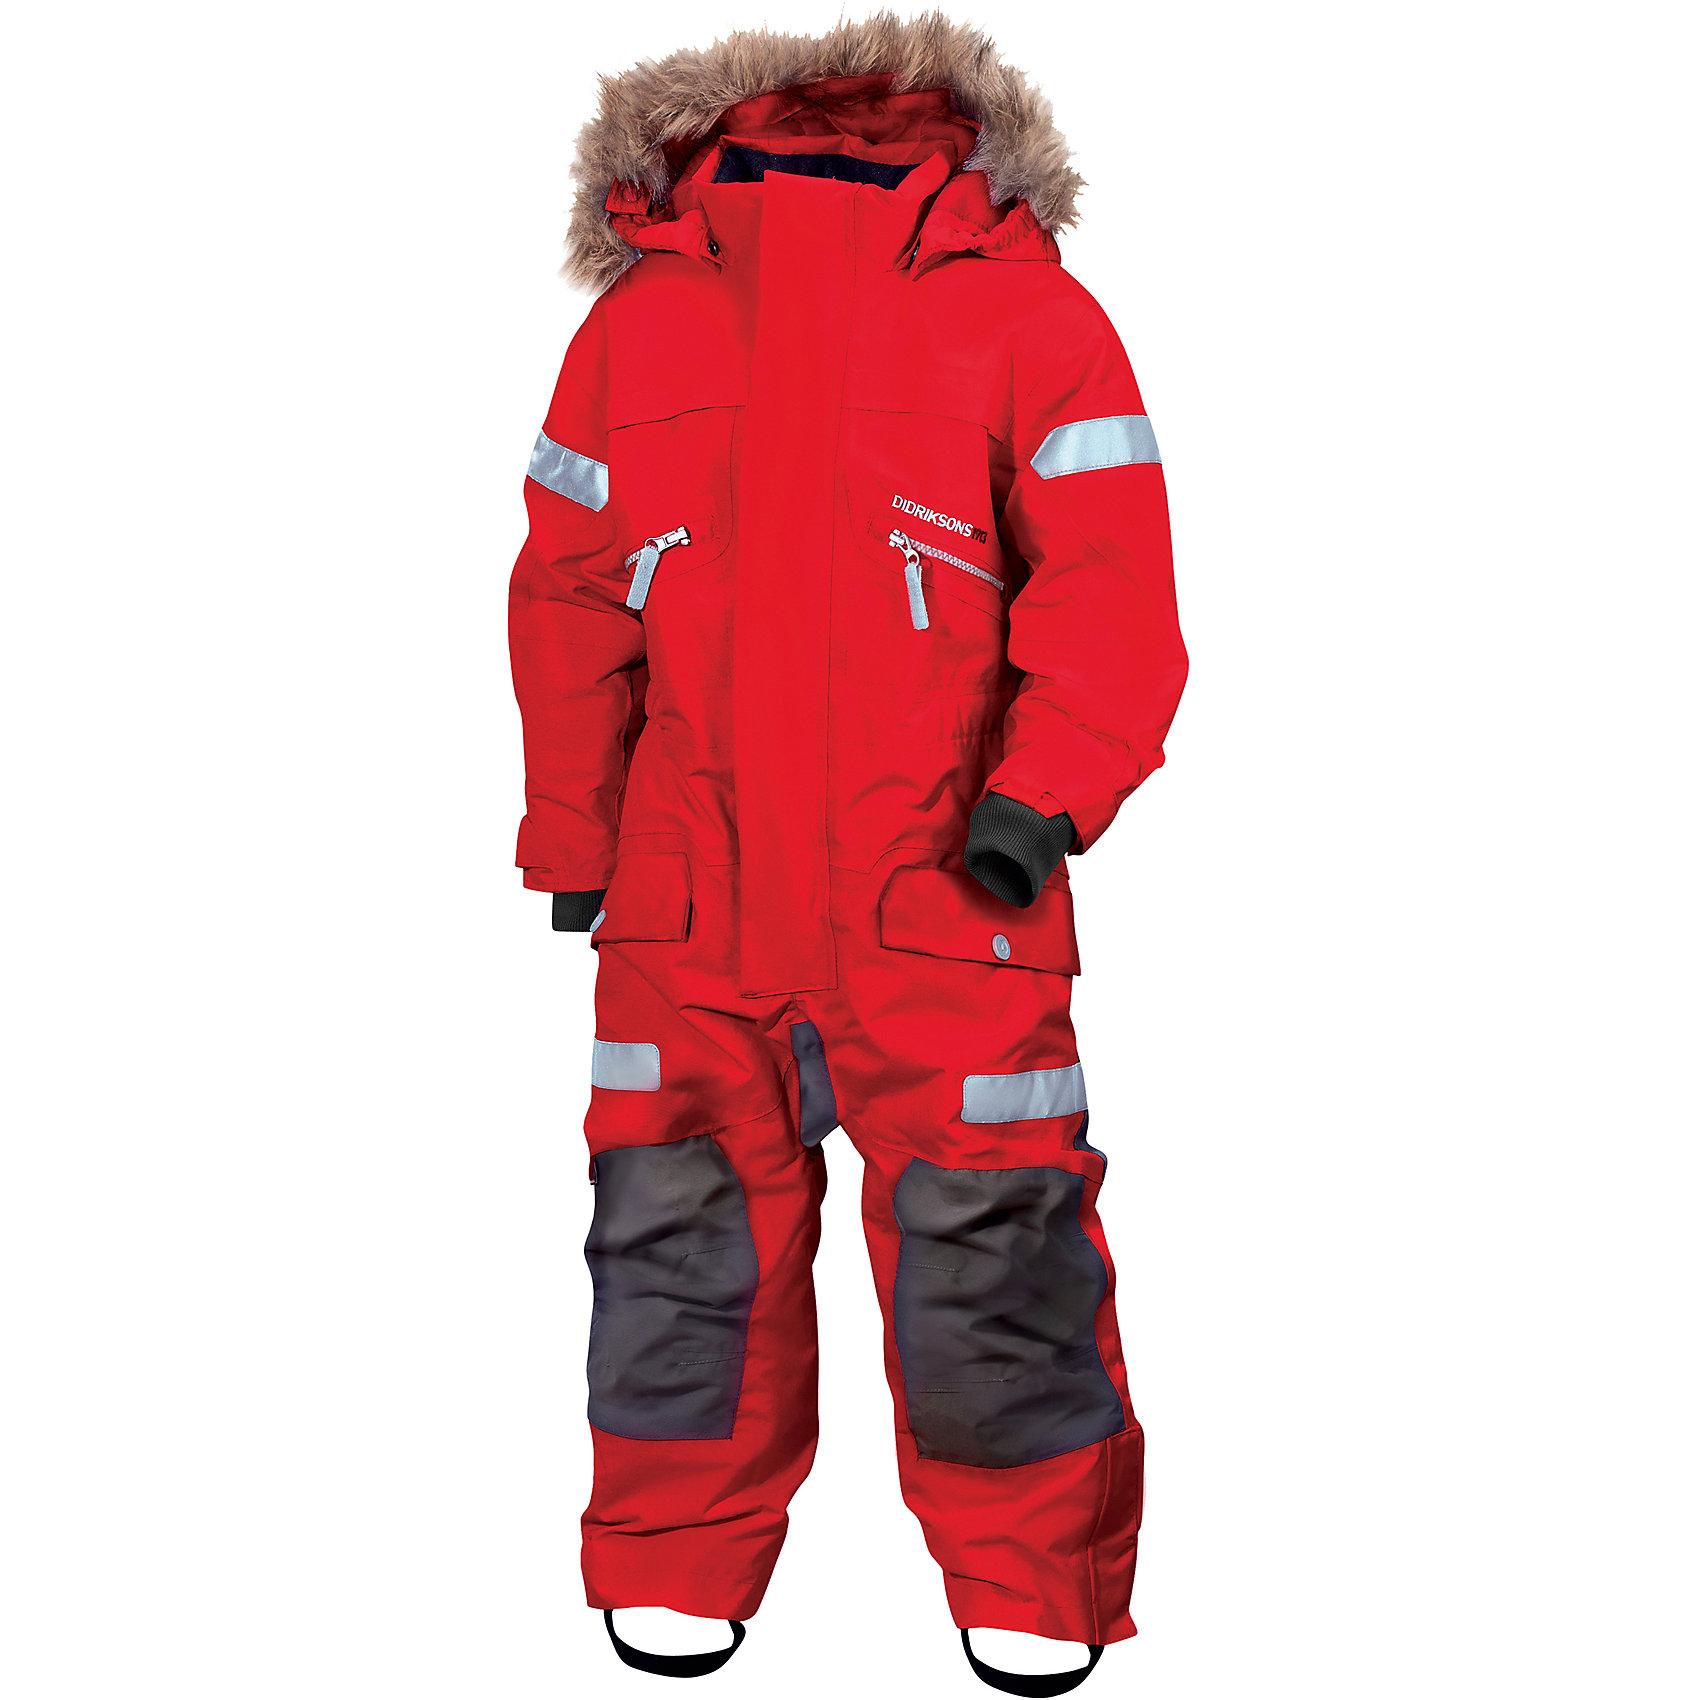 Комбинезон THERON DIDRIKSONS для мальчикаВерхняя одежда<br>Комбинезон из непромокаемой и непродуваемой мембранной ткани с утеплителем (180 г/м2). Проклеенные швы и дополнительная пропитка обеспечивают максимальную защиту от внешней влаги и ветра. Съемный капюшон. Съемный мех на капюшоне. Регулируемые капюшон, талия, рукава, ширина штанин. Внутренние эластичные манжеты с отверстием для большого пальца. Снежные гетры. Фронтальная молния под планкой. Крепления для перчаток и ботинок. Светоотражатели. Модель растет вместе с ребенком: специальный крой позволяет при необходимости увеличить длину рукава и штанин на один размер. Комфортный и надежный комбинезон защитит вашего ребенка в самую ненастную и холодную погоду.<br>Состав:<br>Верх-100% полиамид, подкладка-100% полиэстер<br><br>Ширина мм: 356<br>Глубина мм: 10<br>Высота мм: 245<br>Вес г: 519<br>Цвет: красный<br>Возраст от месяцев: 108<br>Возраст до месяцев: 120<br>Пол: Мужской<br>Возраст: Детский<br>Размер: 140,130,100,110,120<br>SKU: 7044646